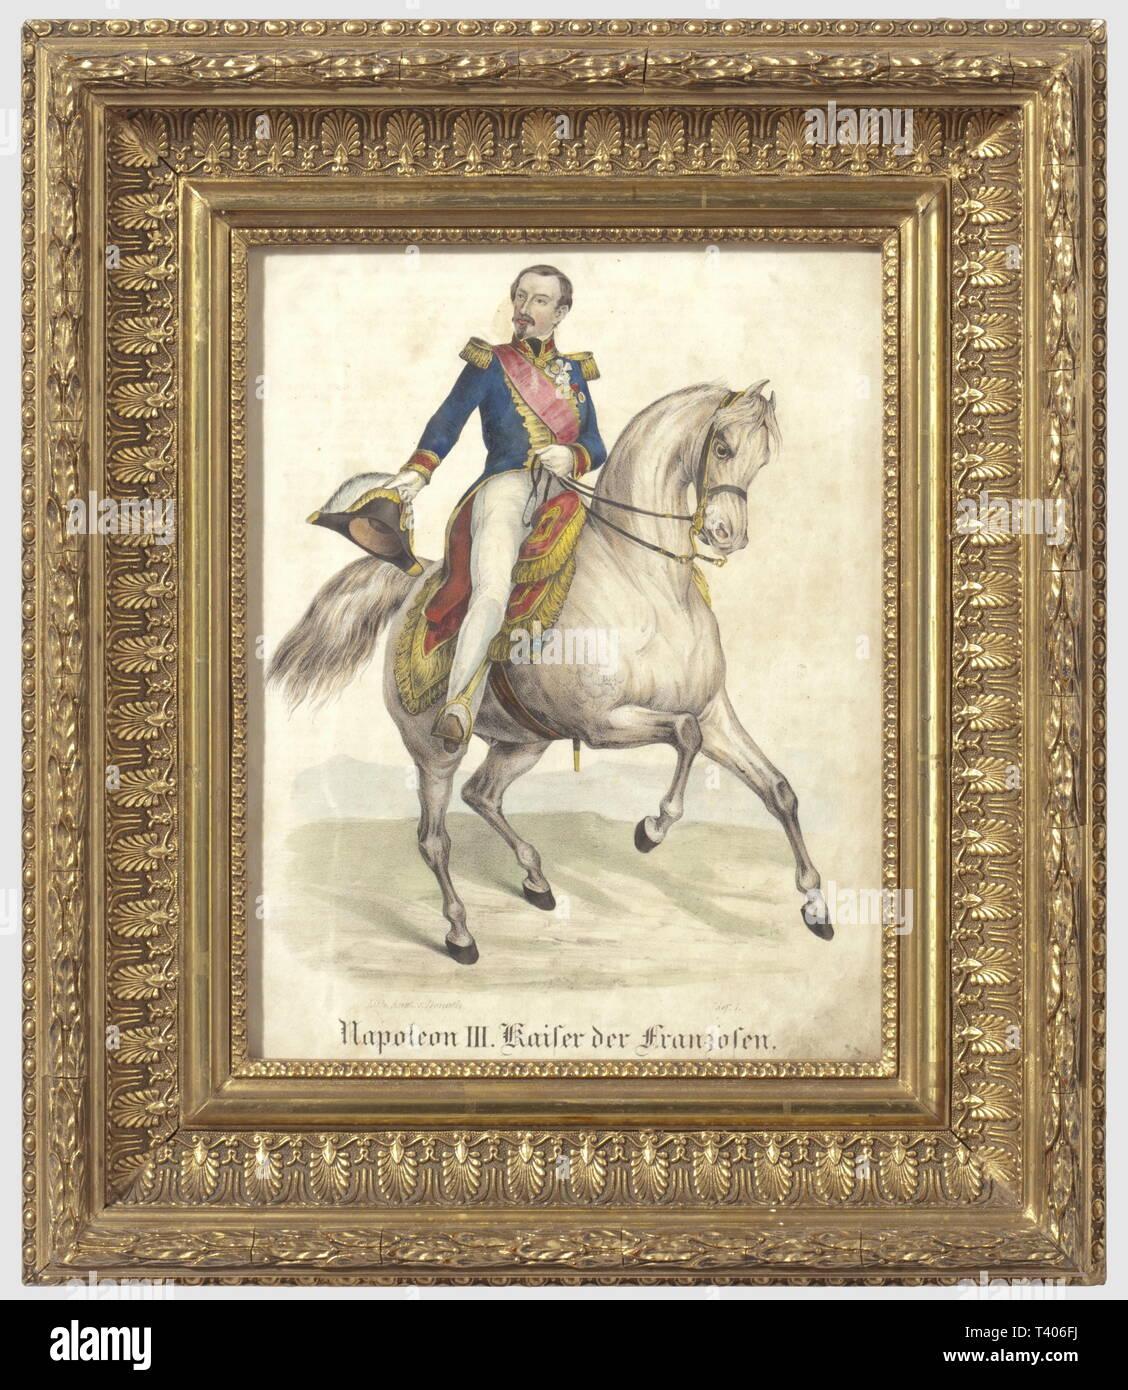 """SECONDE REPUBLIQUE ET SECOND EMPIRE 1848-1870, Lithographie en couleur, représentant l'Empereur Napoléon III à cheval, Sujet allemand, signé du graveur """"Lith. Anst. v. Donath."""" (en bas à gauche, """"Lief. 1."""" à droite), traité en couleur et titré en lettres gothiques """"Napoléon III Kaiser der Franzosen"""". Les représentations de l'Empereur Napoléon III, exécutées en Allemagne restent relativement rares. Ensemble en bon état, quelques traces de mouillures, présenté sous verre, dans un cadre actuel, en bois mouluré et doré. Hauteur 36,7 cm, largeur 31,5 cm, Artist's Copyright has not to be cleared Stock Photo"""